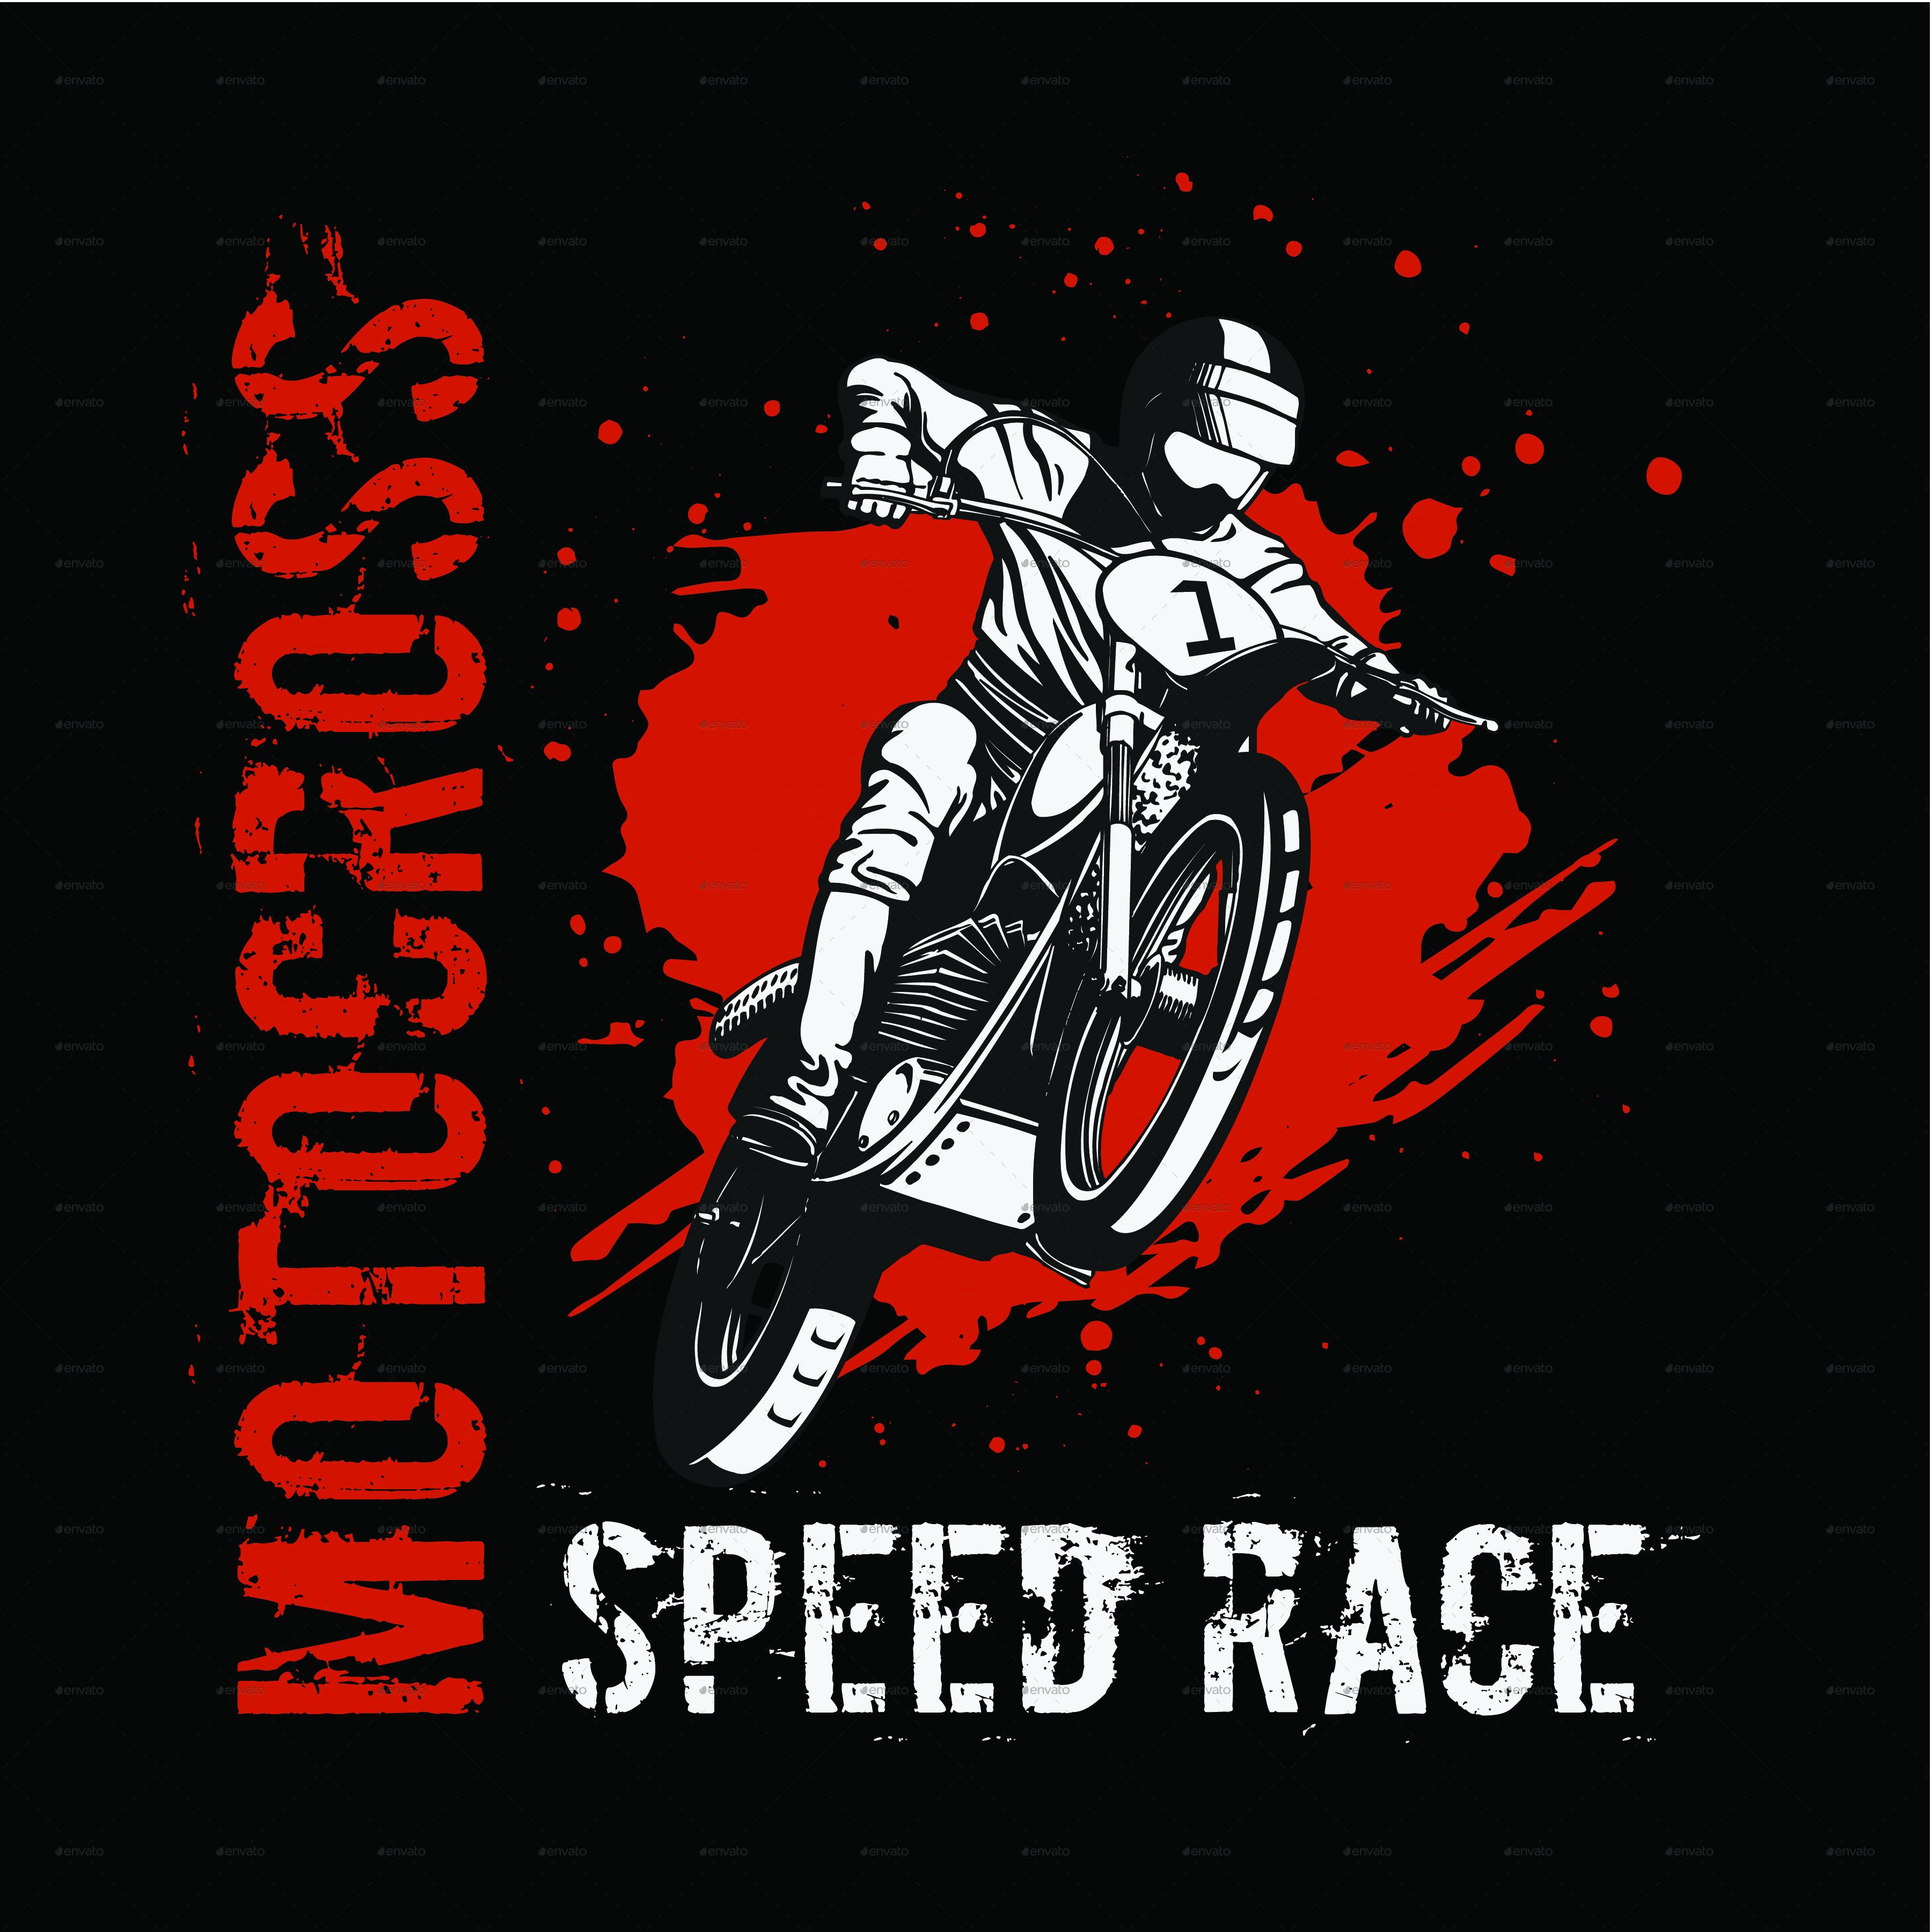 Design t shirt motocross - Motocross Speed Race Tshirt Design Sports Teams T Shirts Motocross_versi_black 01 Png